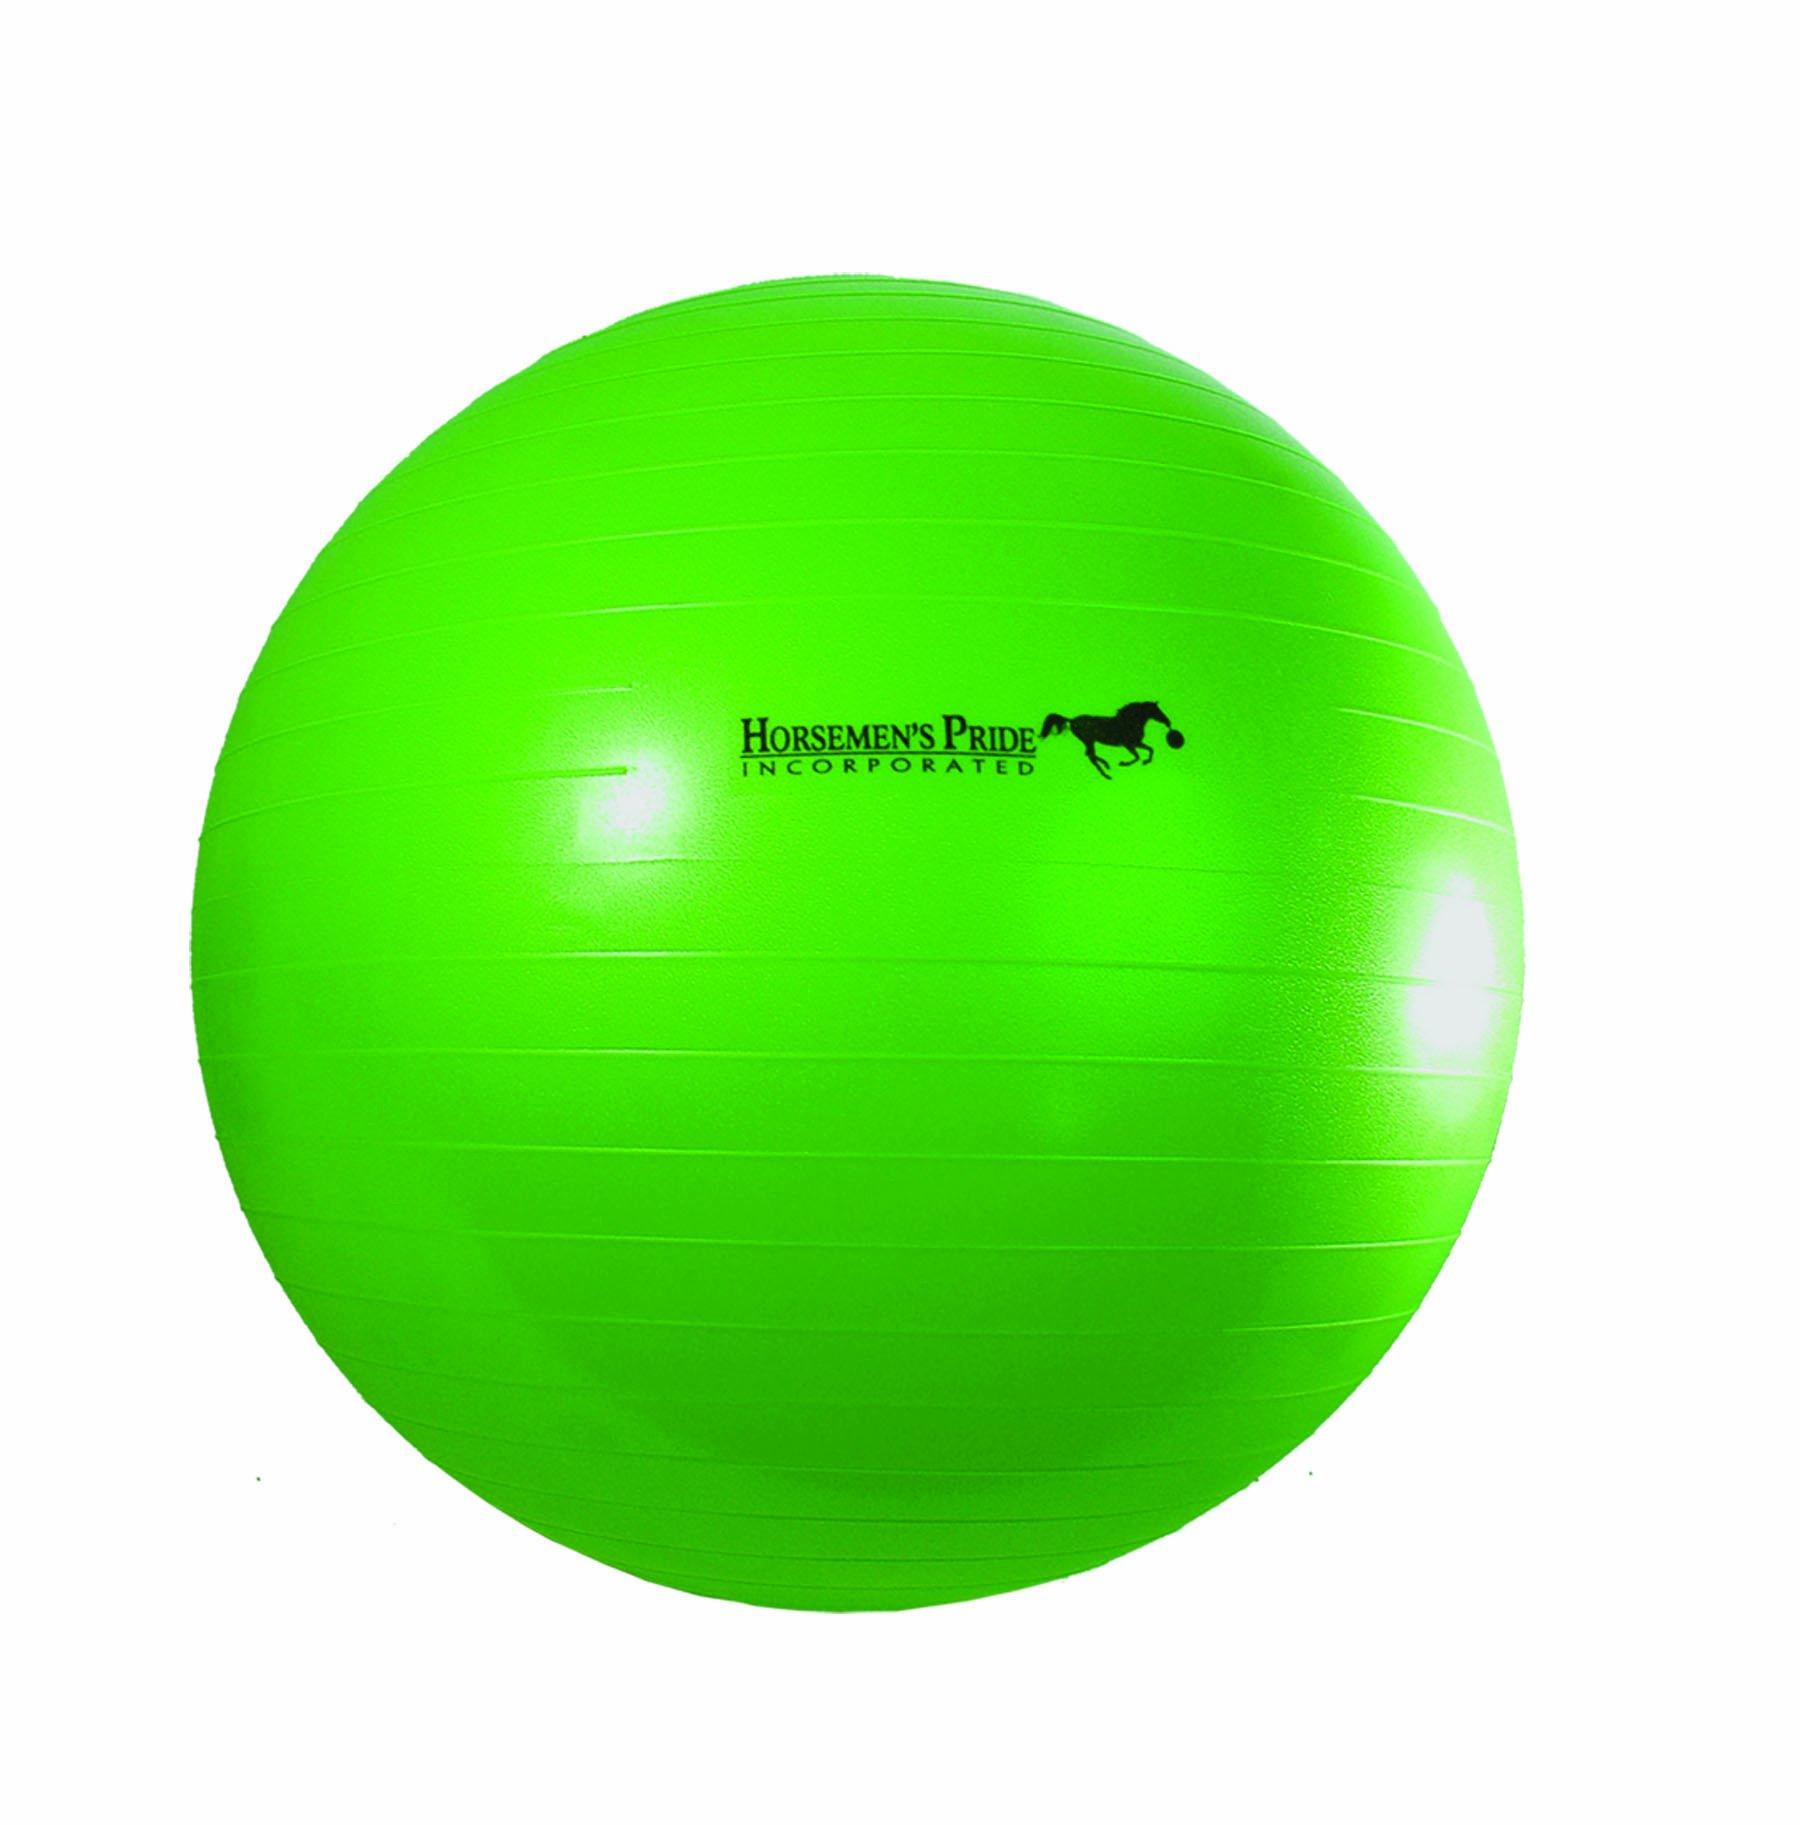 Horsemen's Pride 40-Inch Mega Ball for Horses, Green